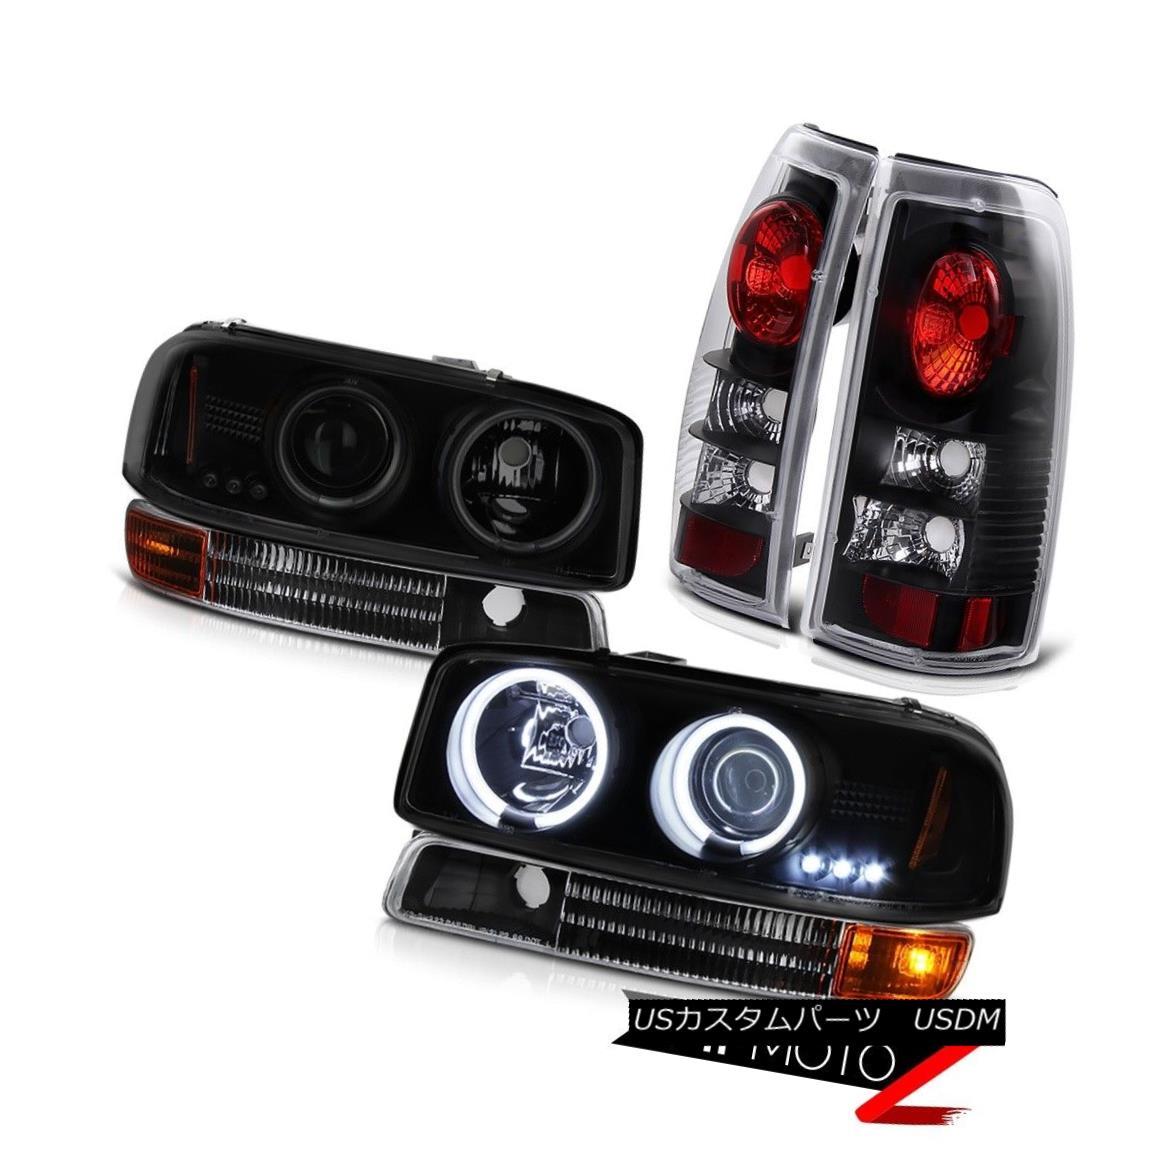 テールライト 1999-2003 Sierra CCFL Smoke Black Angel Eye Headlamp Parking Reverse Tail Light 1999-2003シエラCCFLスモークブラックエンジェルアイヘッドランプパーキングリバーステールライト